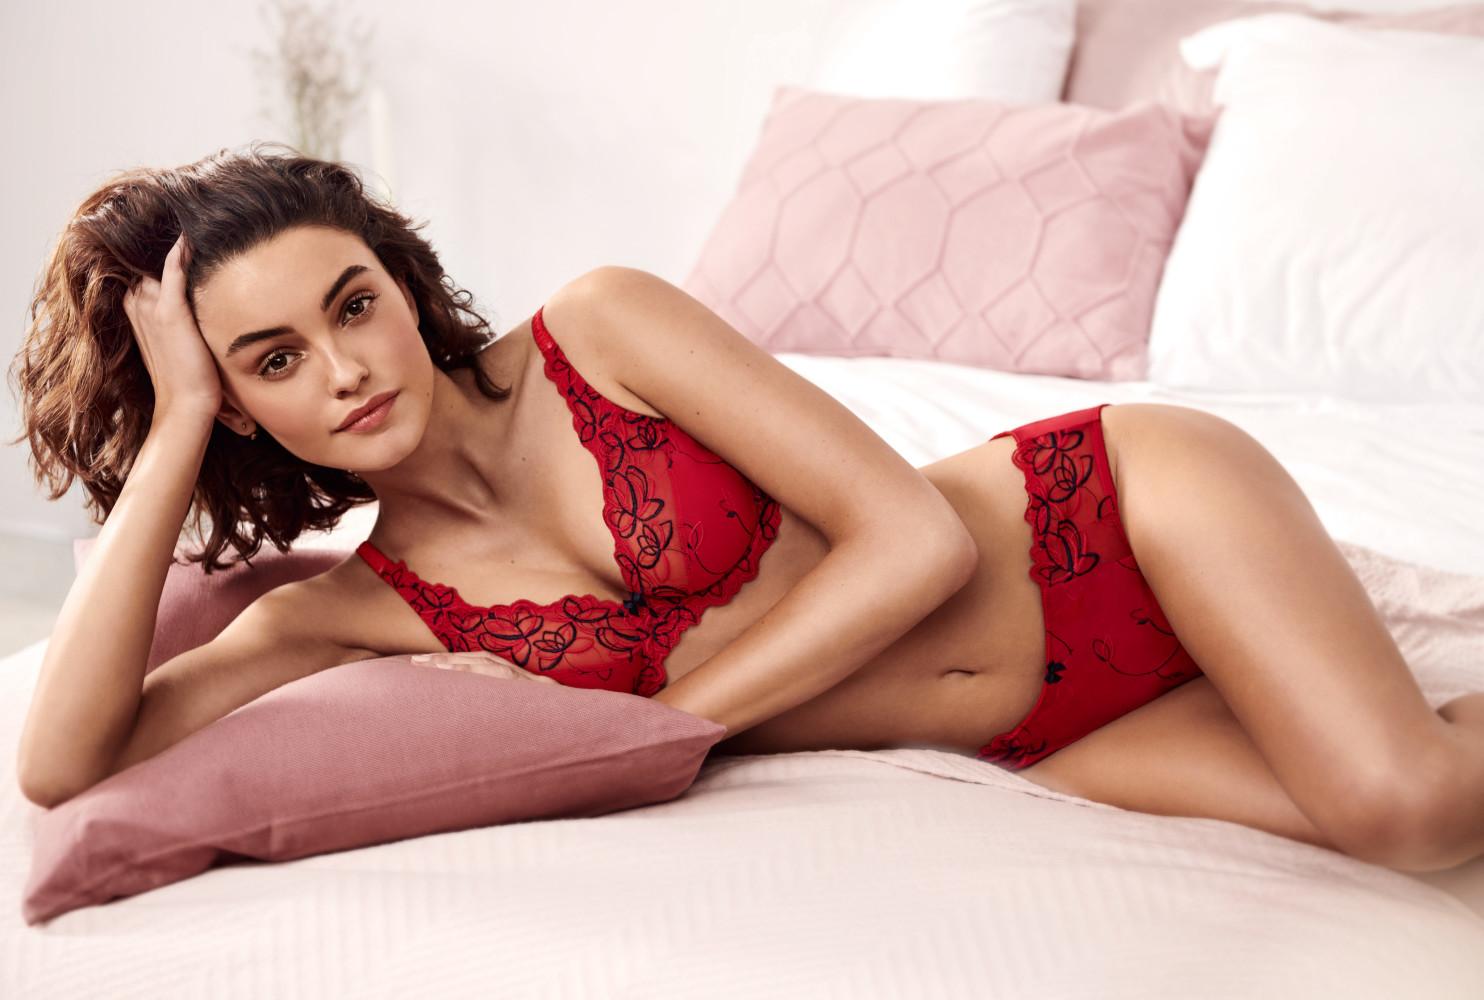 Daria Roxin for Hunkemoller lingerie